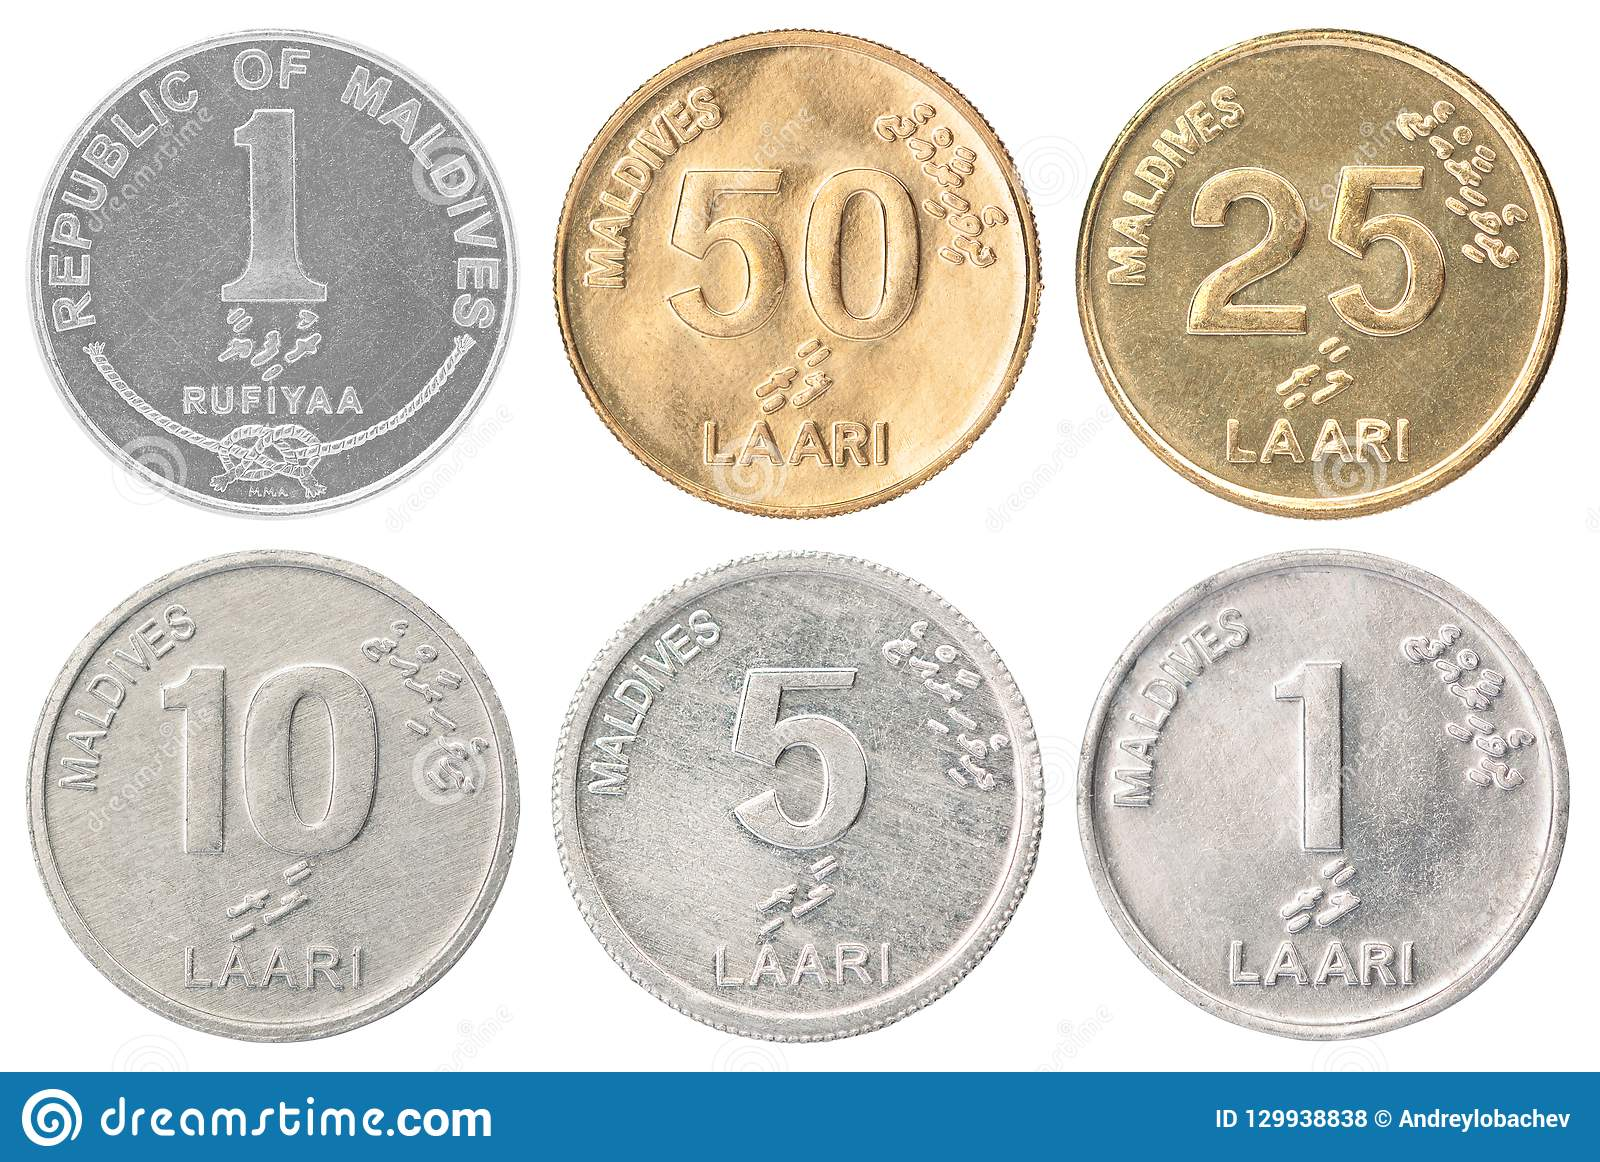 Sistema completo de monedas maldivas